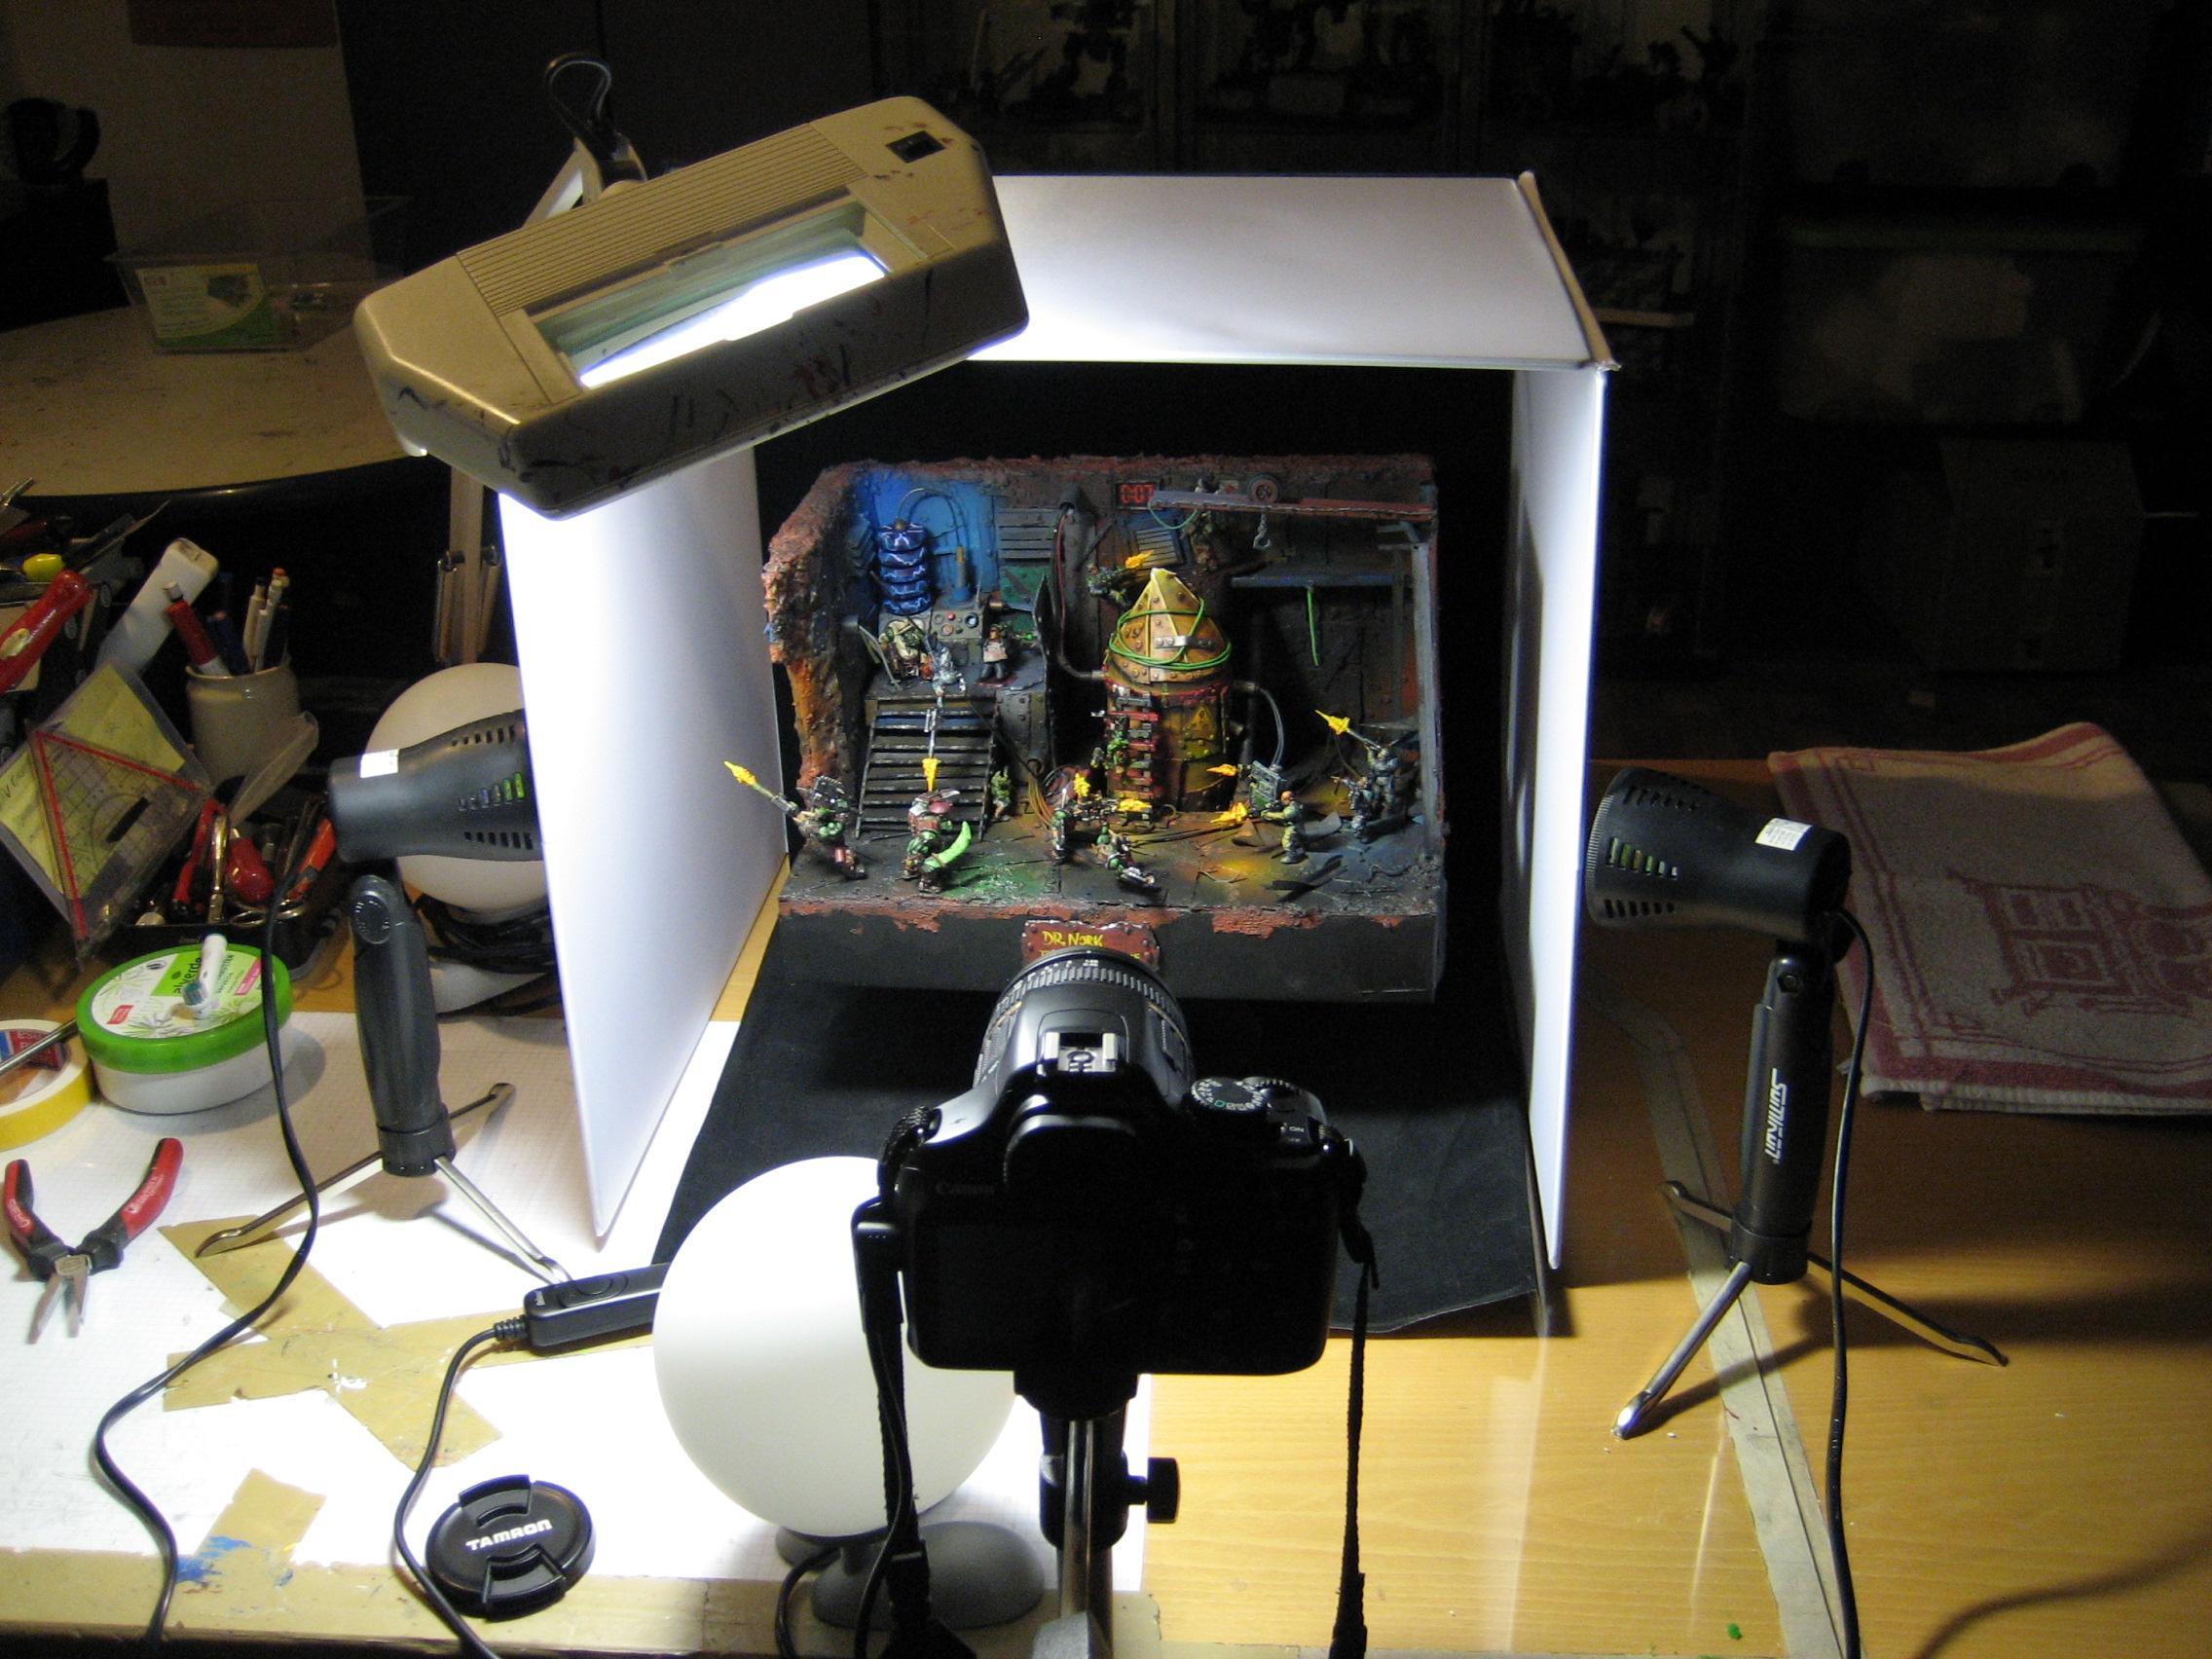 Dr. Nork diorama